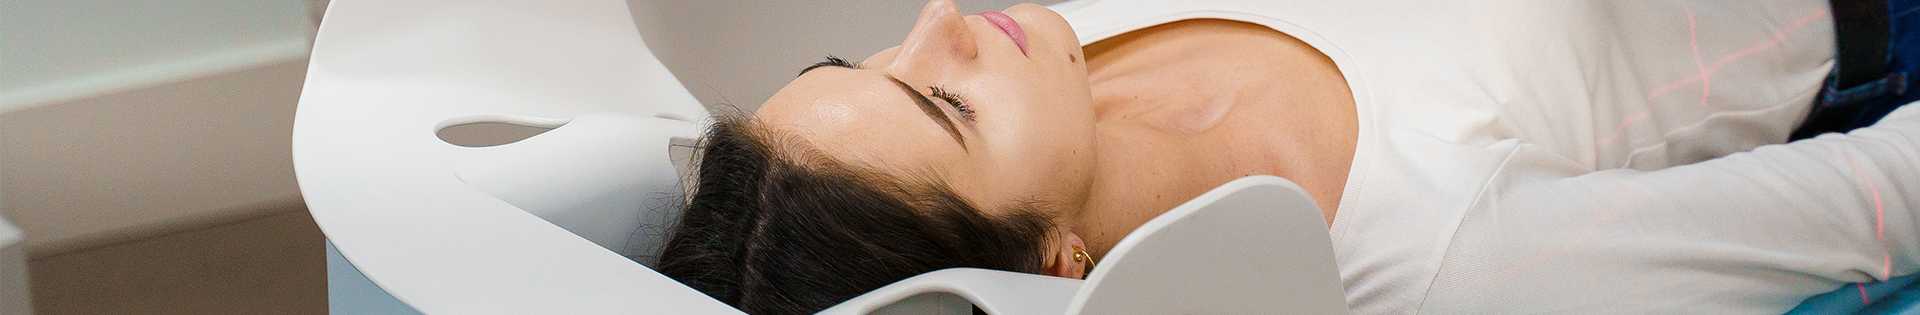 Endometriomas: veja como é feito o diagnóstico